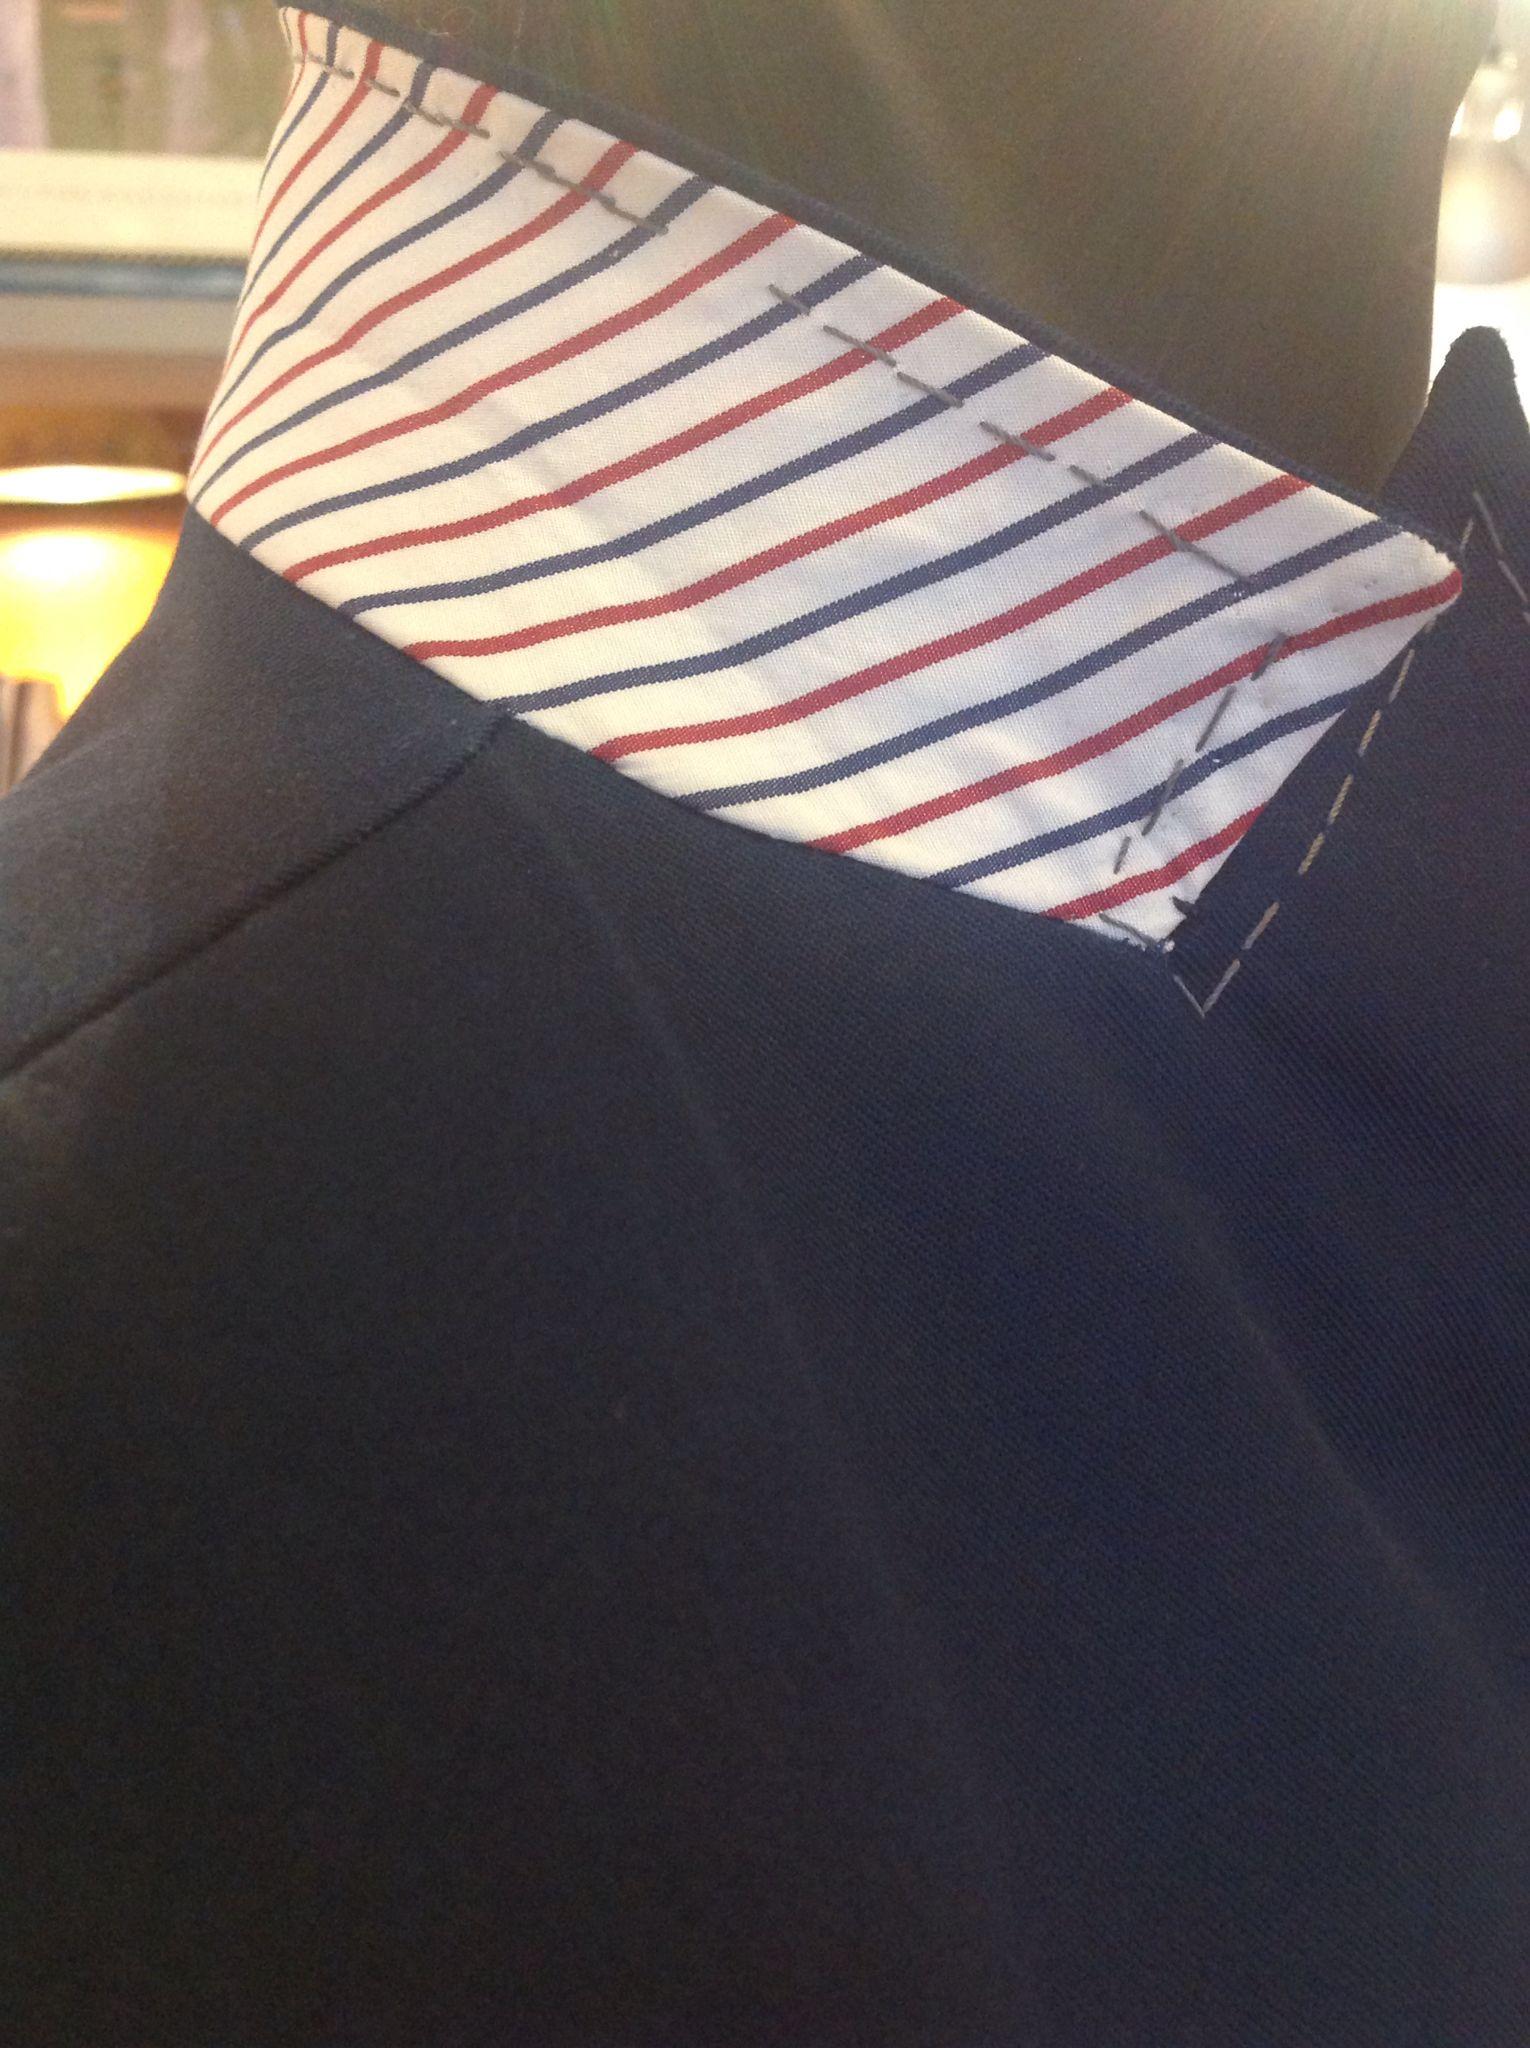 Compagnia dei Colletti Bespoke shirting in Rome